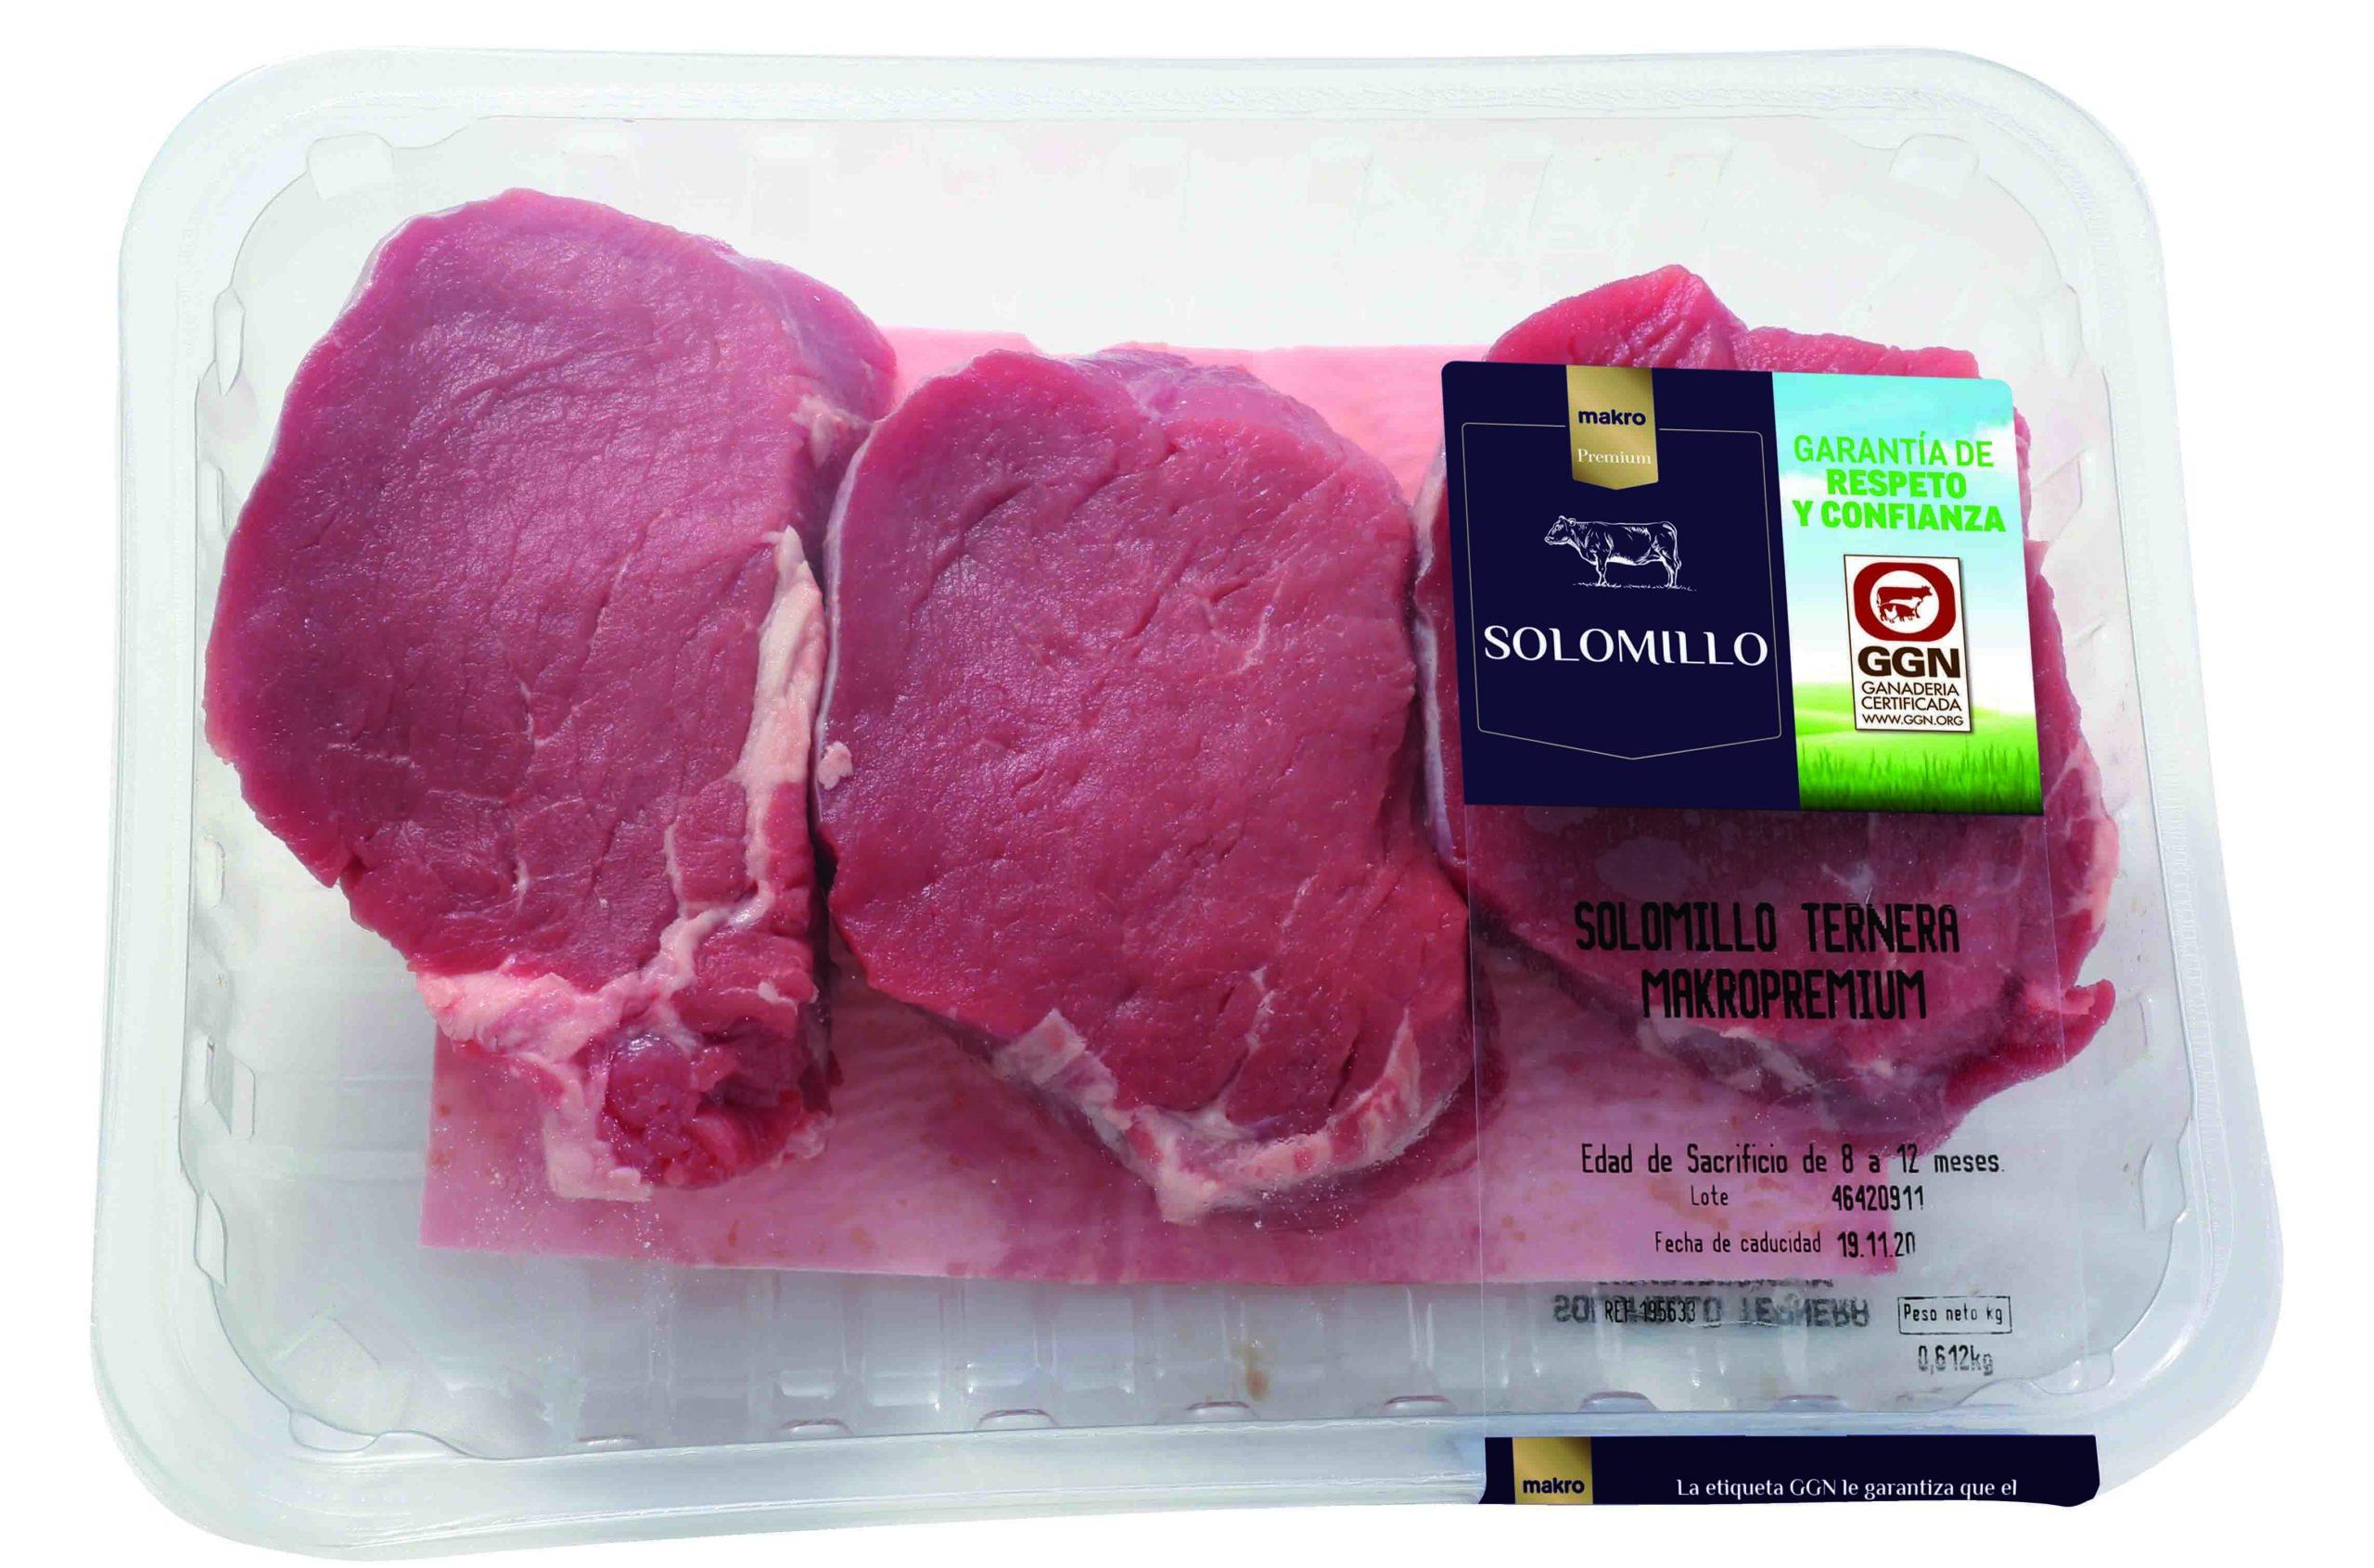 Makro, primer distribuidor de hostelería en incorporar el sello de Bienestar Animal a sus carnes